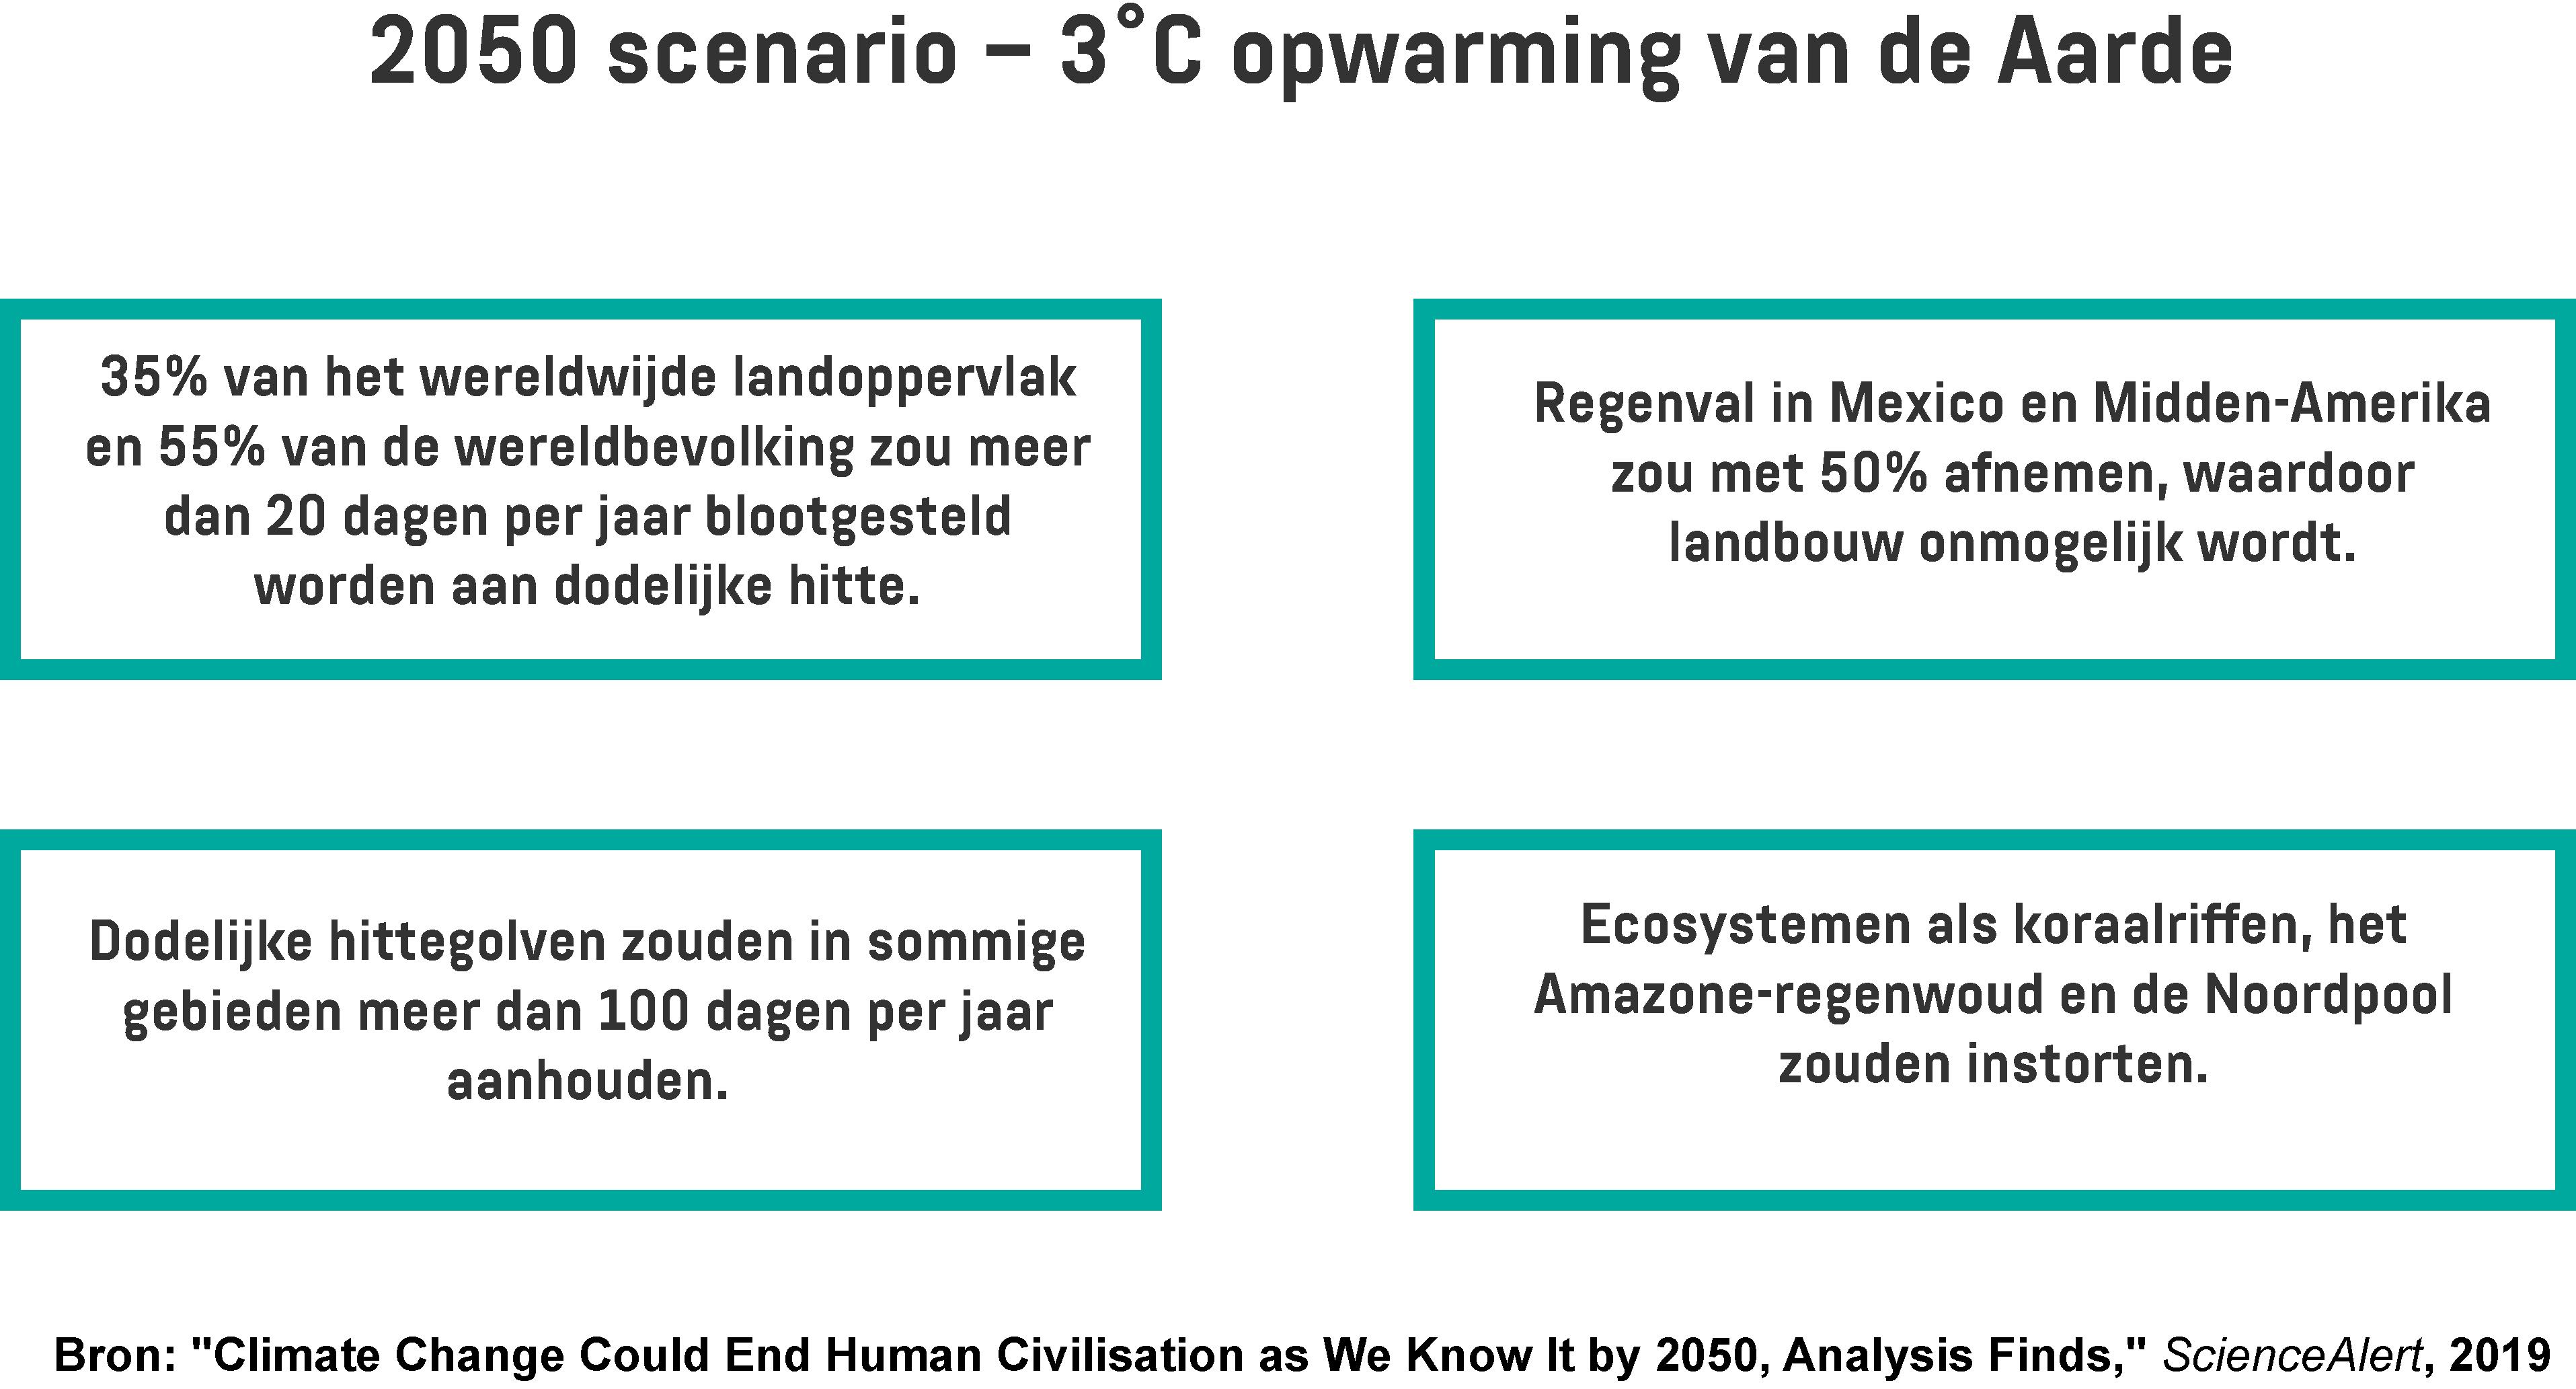 Een infographic met de voorspelde gevolgen van een extra 3˚C opwarming van de Aarde.